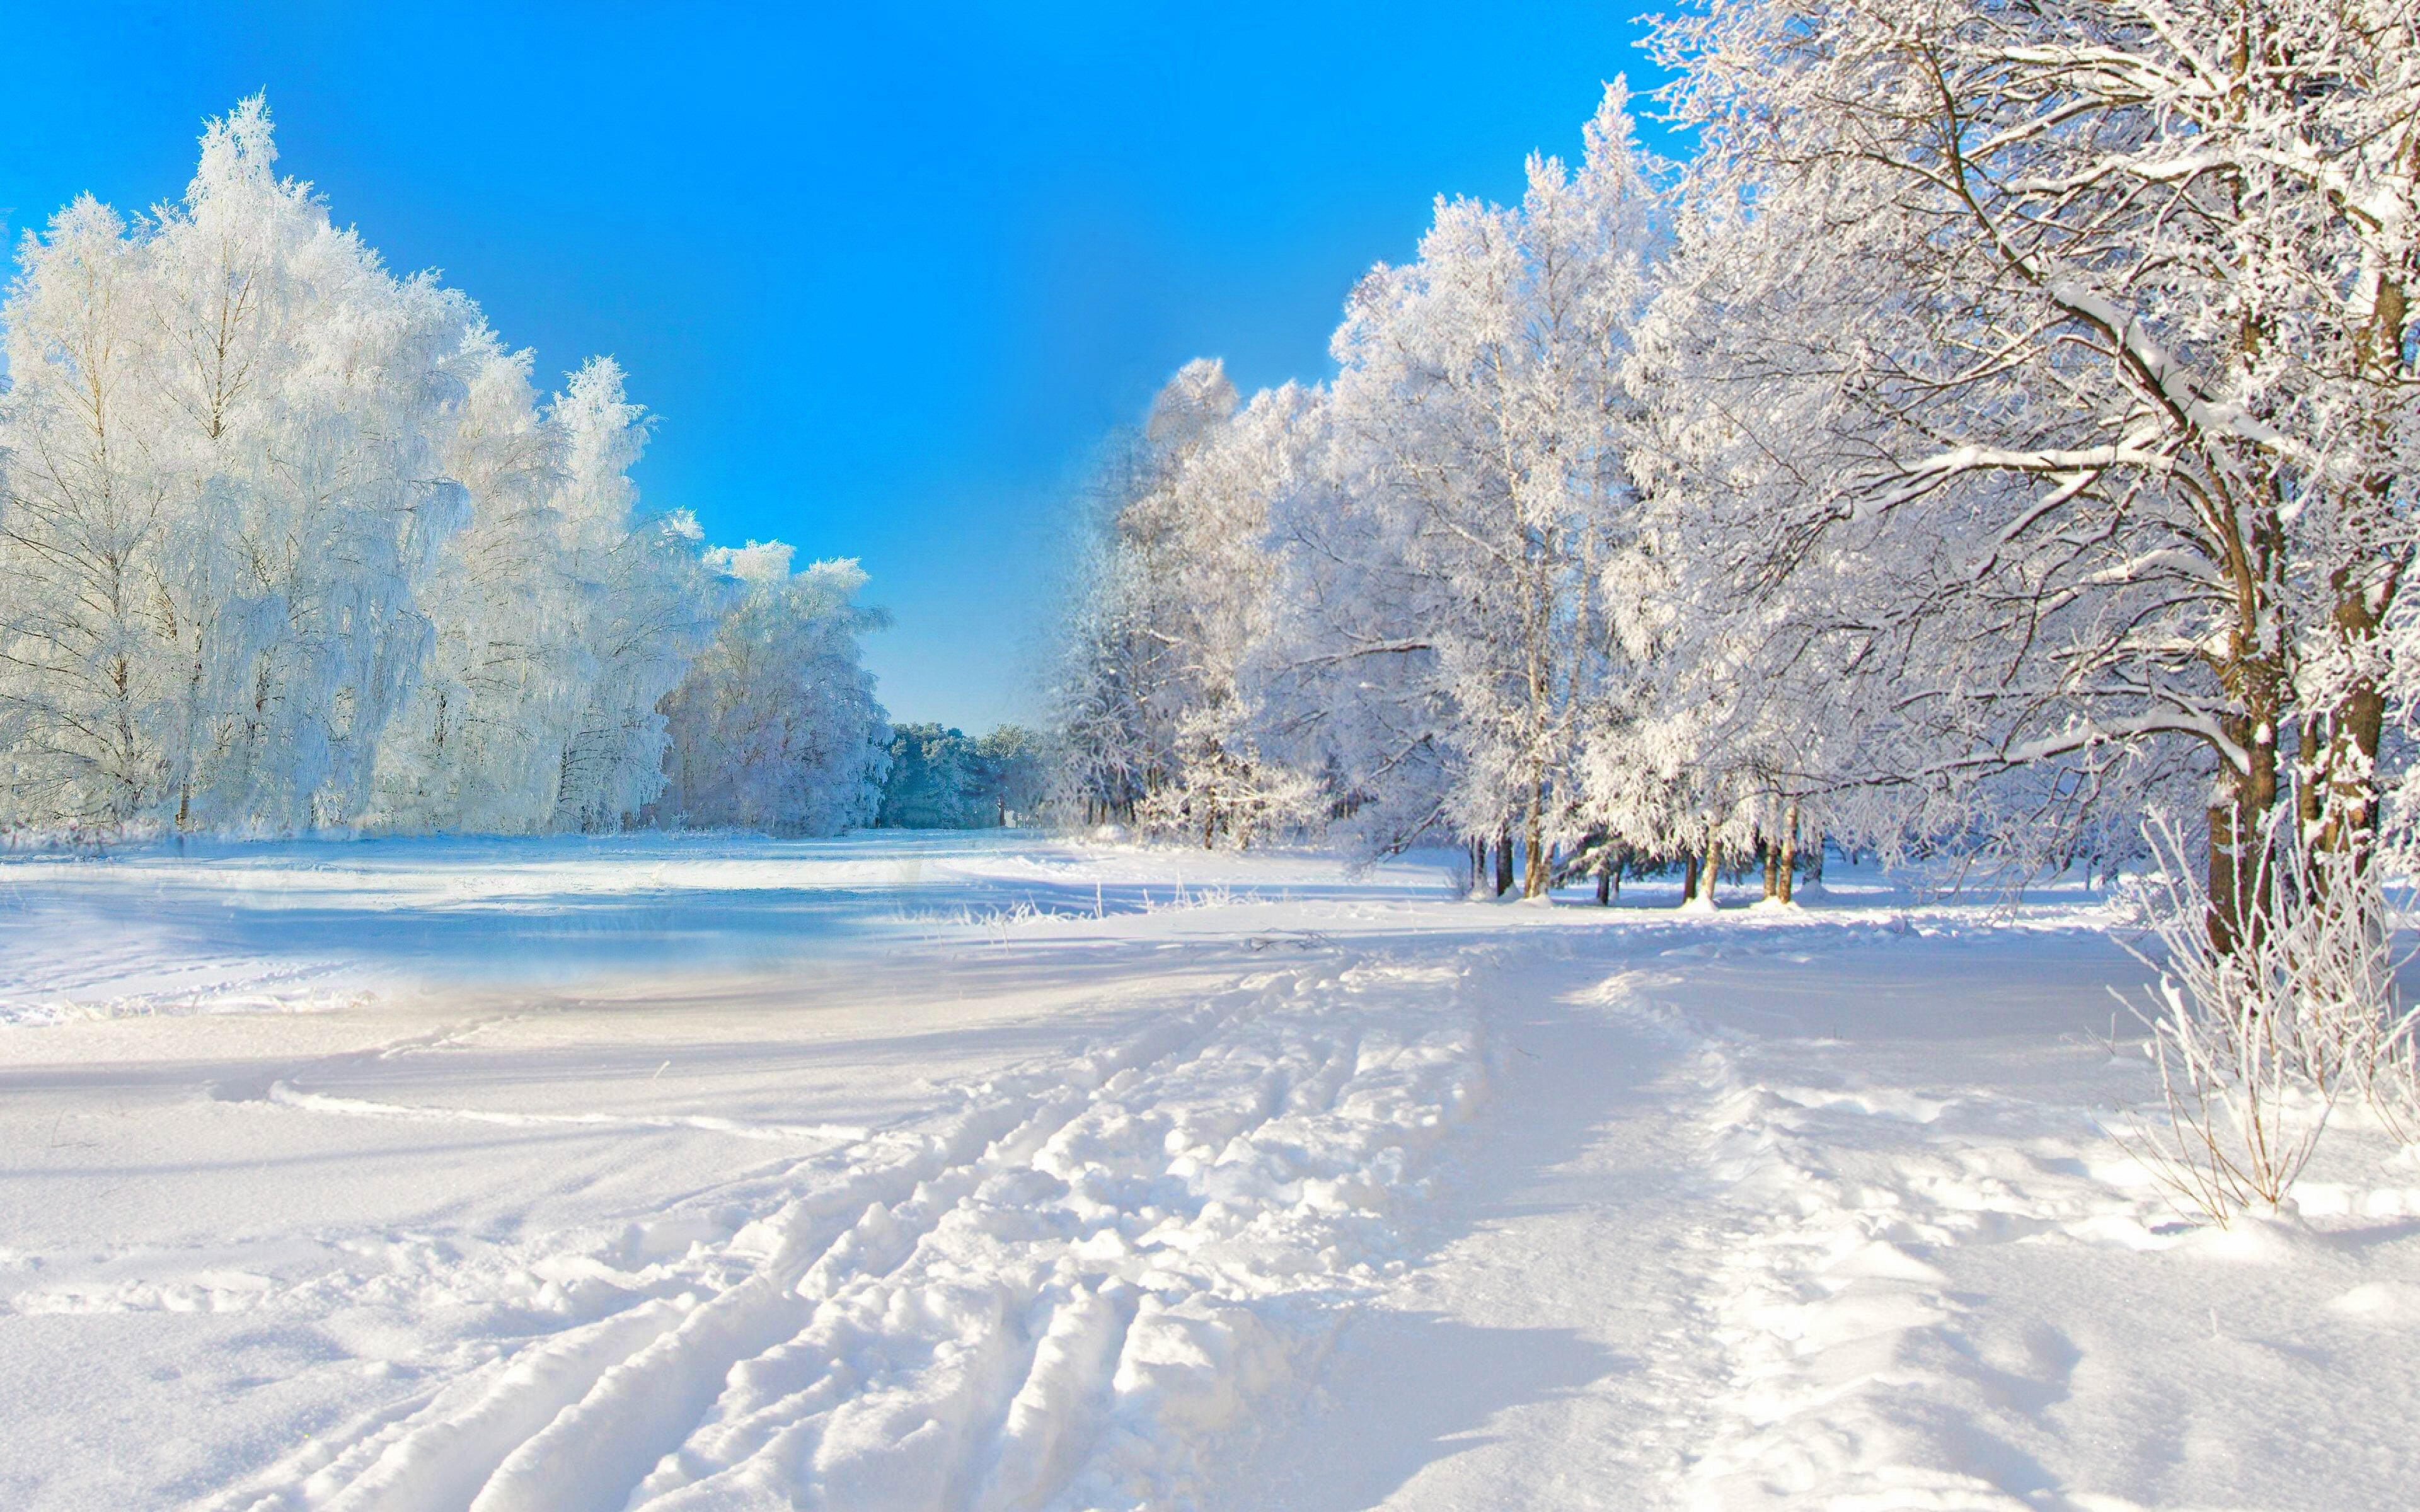 зимний пейзаж фото высокого разрешения бросилась нему